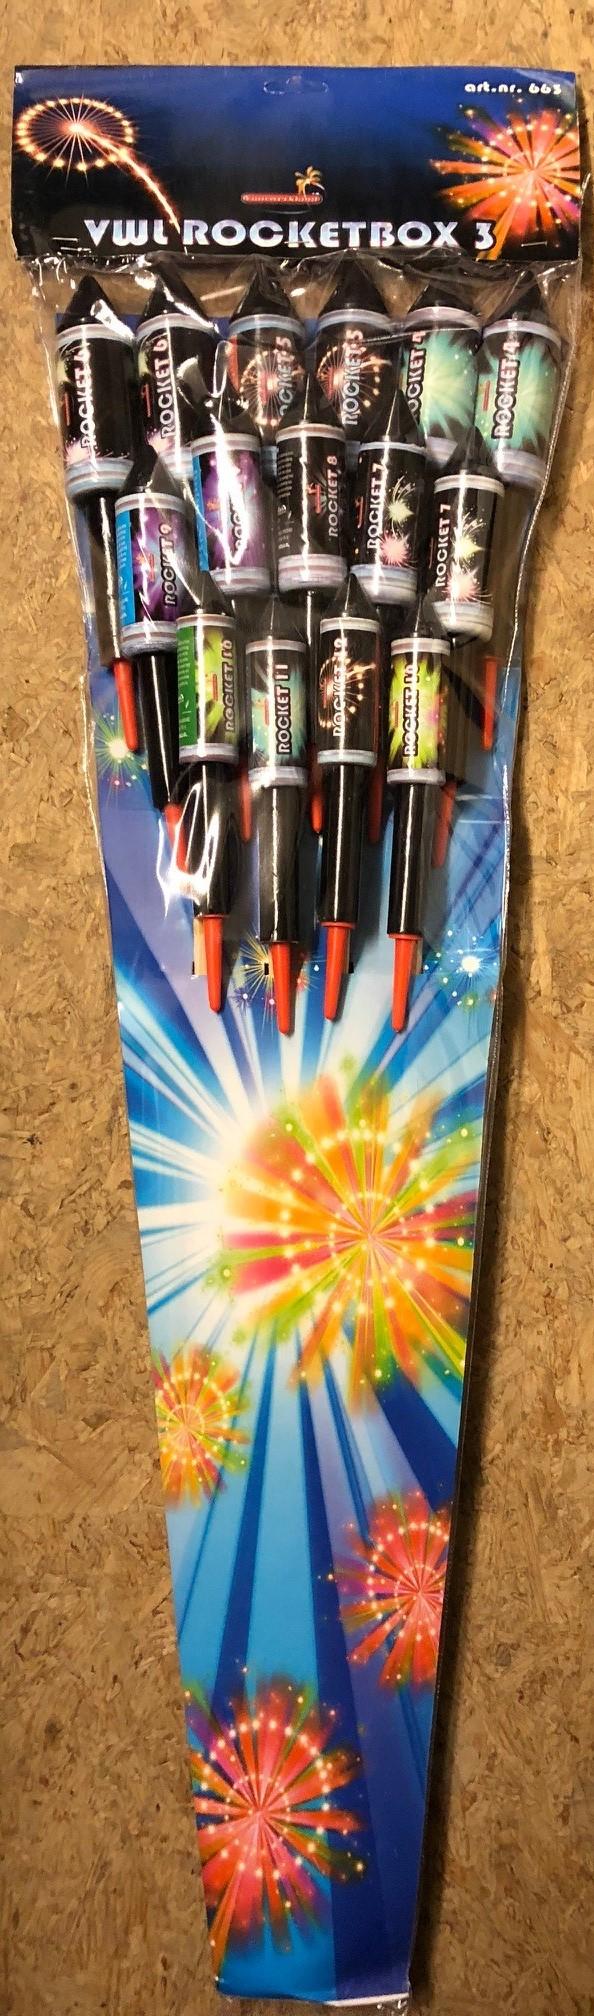 vuurwerkland 3 rockets